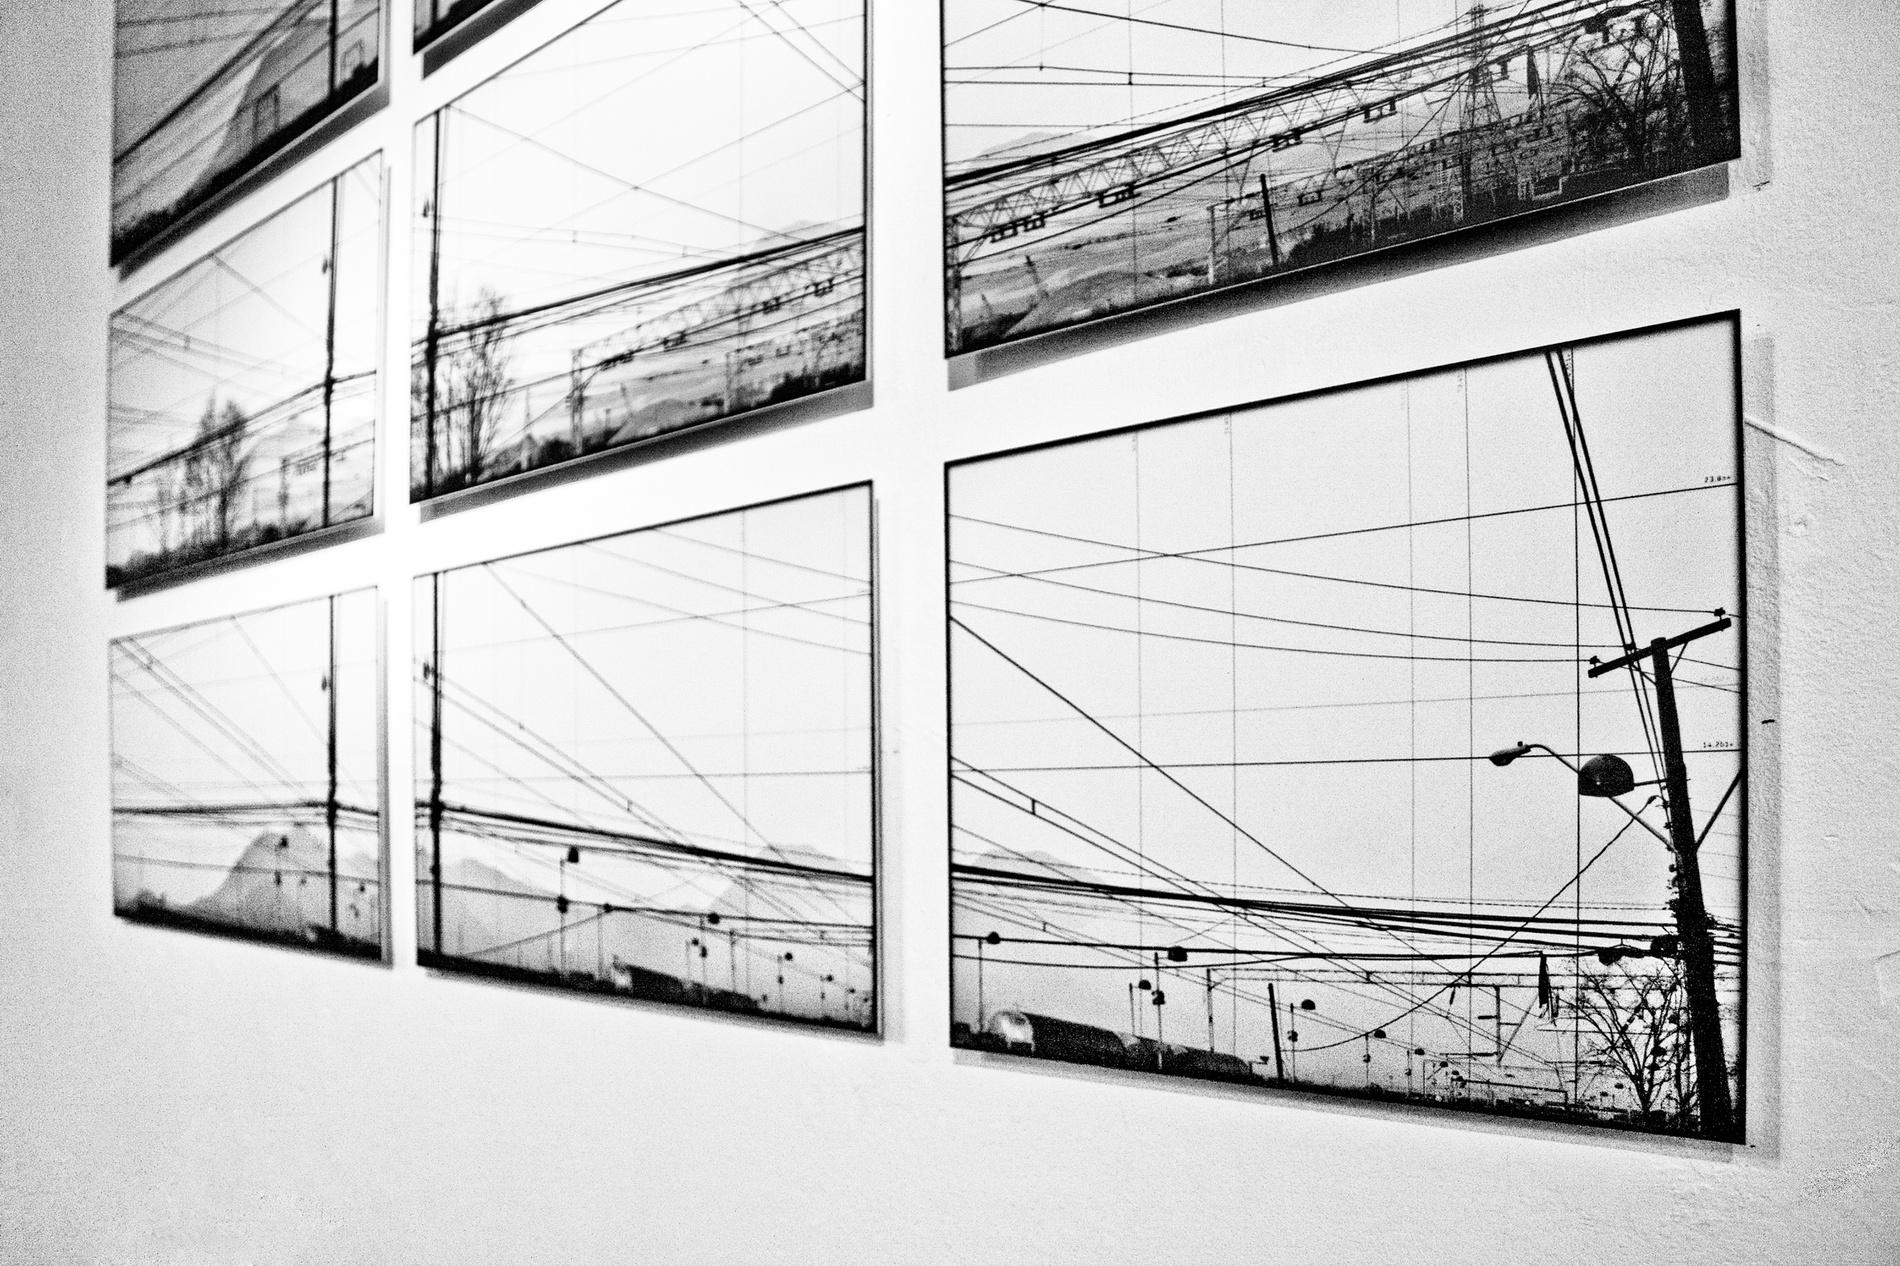 Landscape/Fiction 8 - Detail